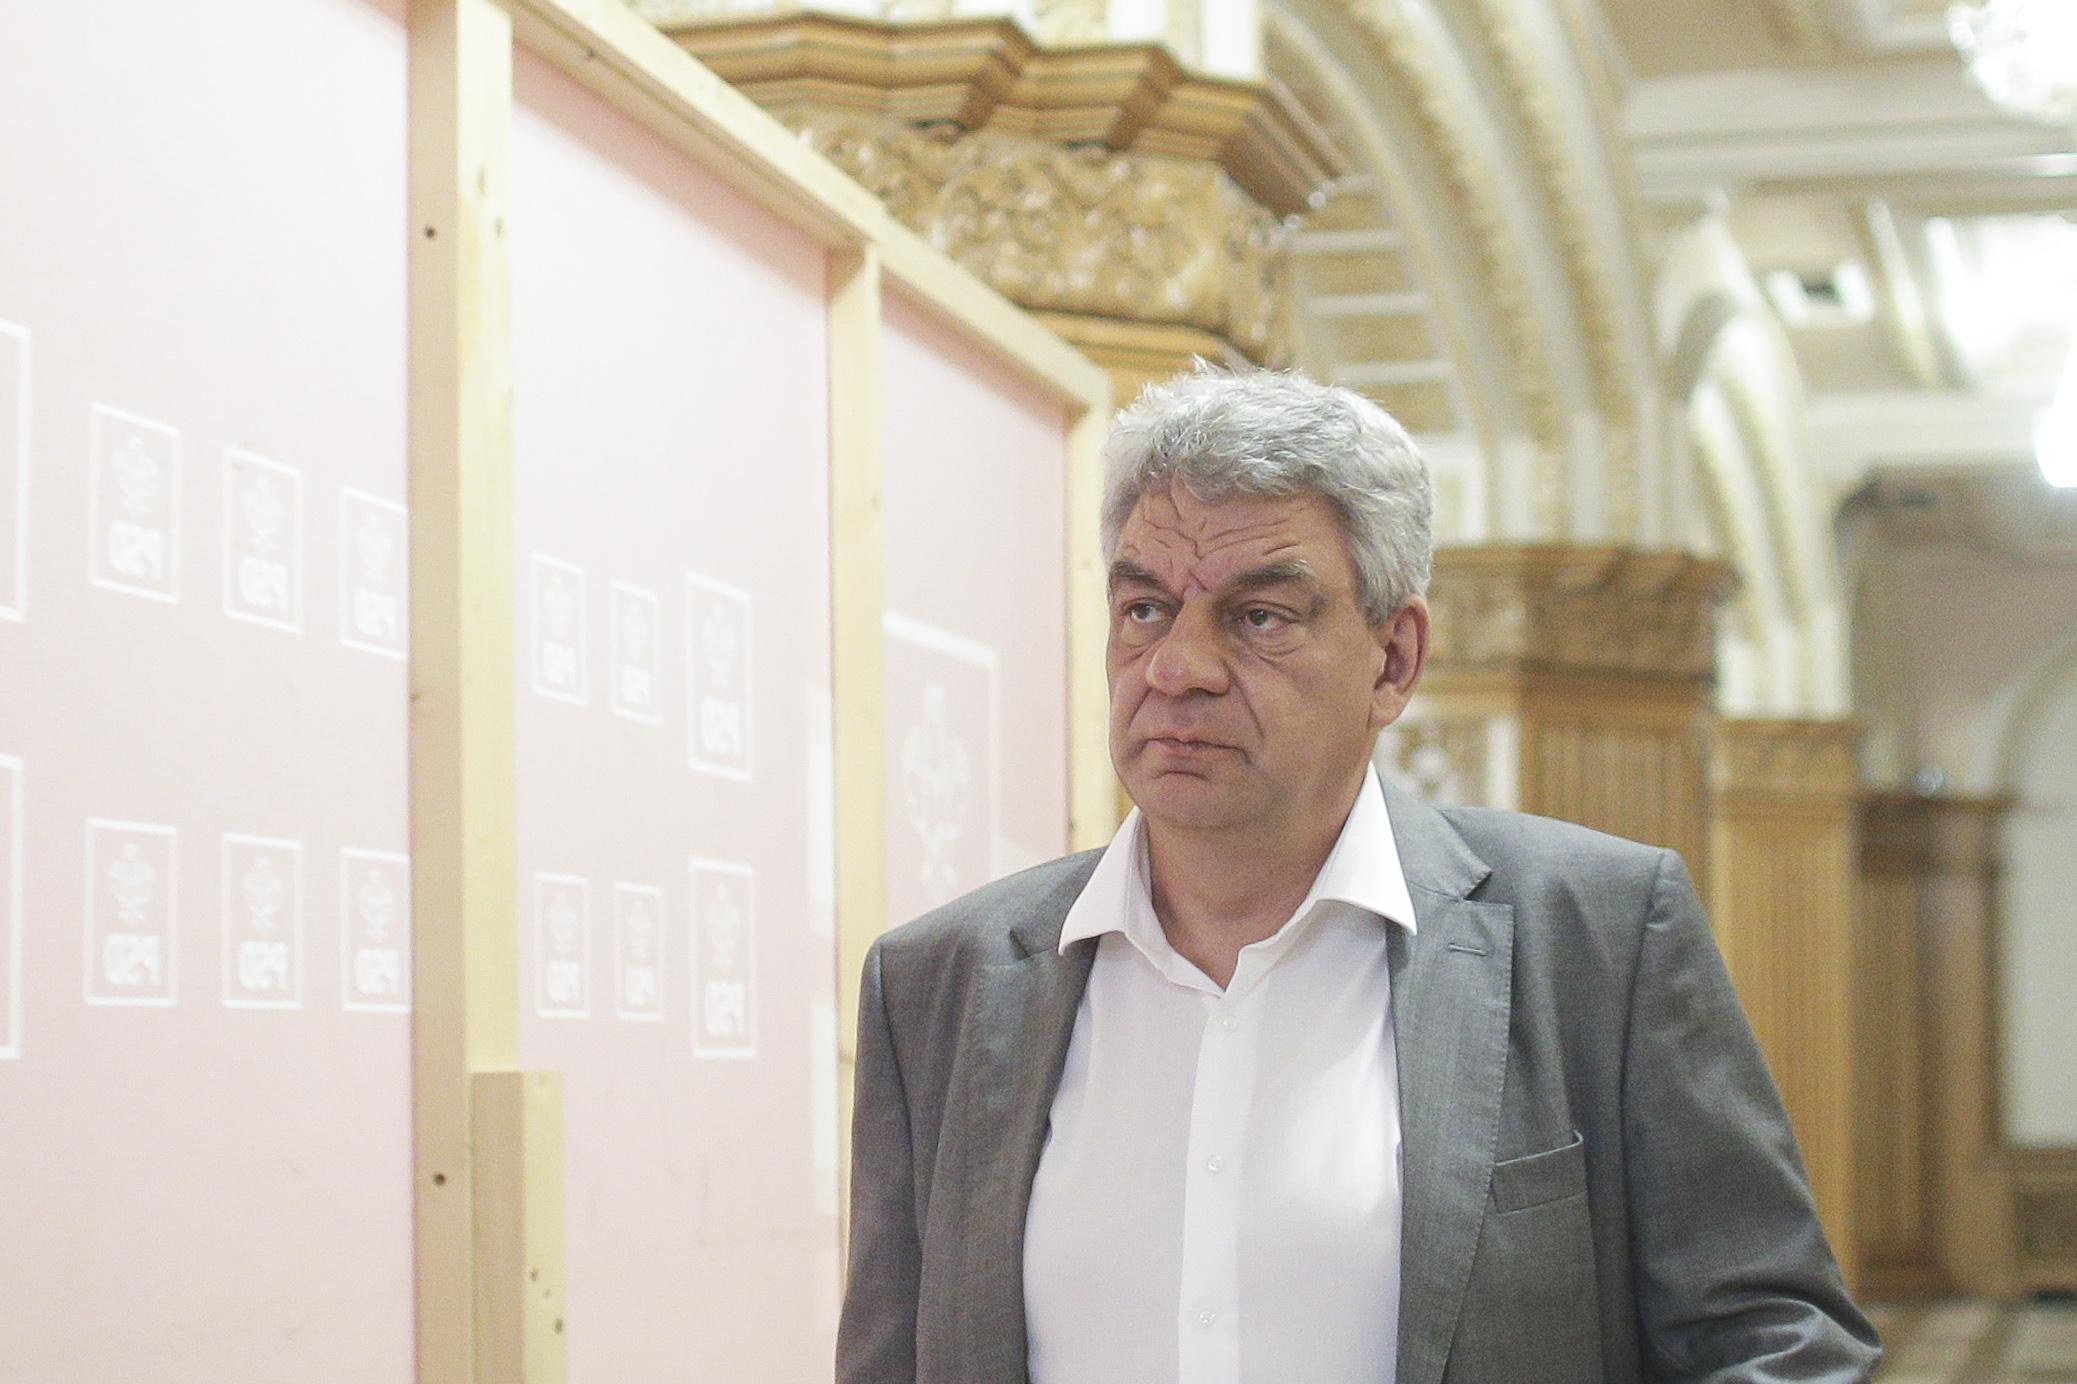 A román miniszterelnök azt állítja, ő nem akasztásról beszélt